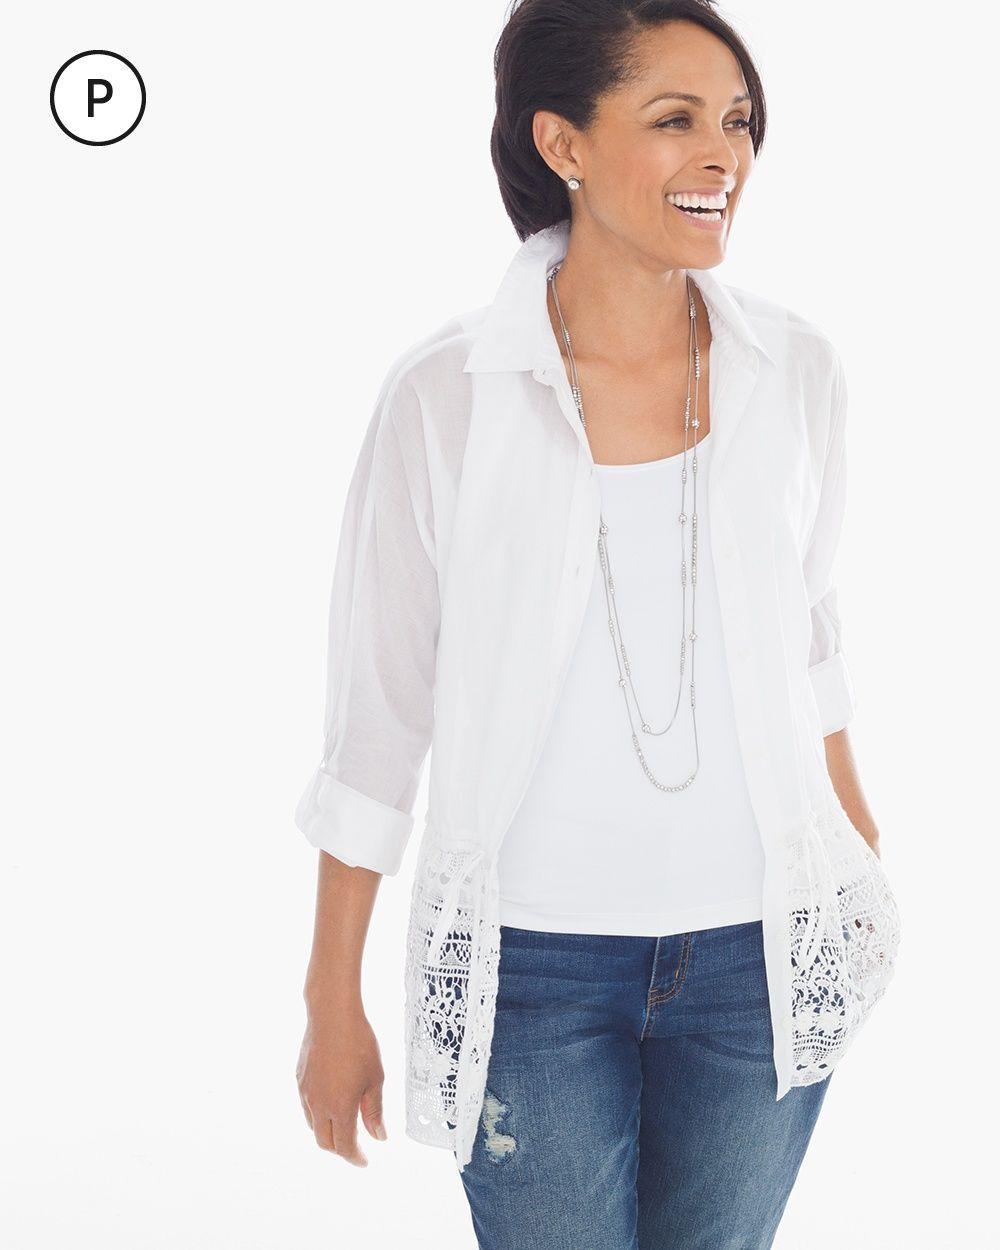 a2657218 Chico's Women's Petite Lace Trim Shirt, Optic White, Size: 3P (16P/18P XL)